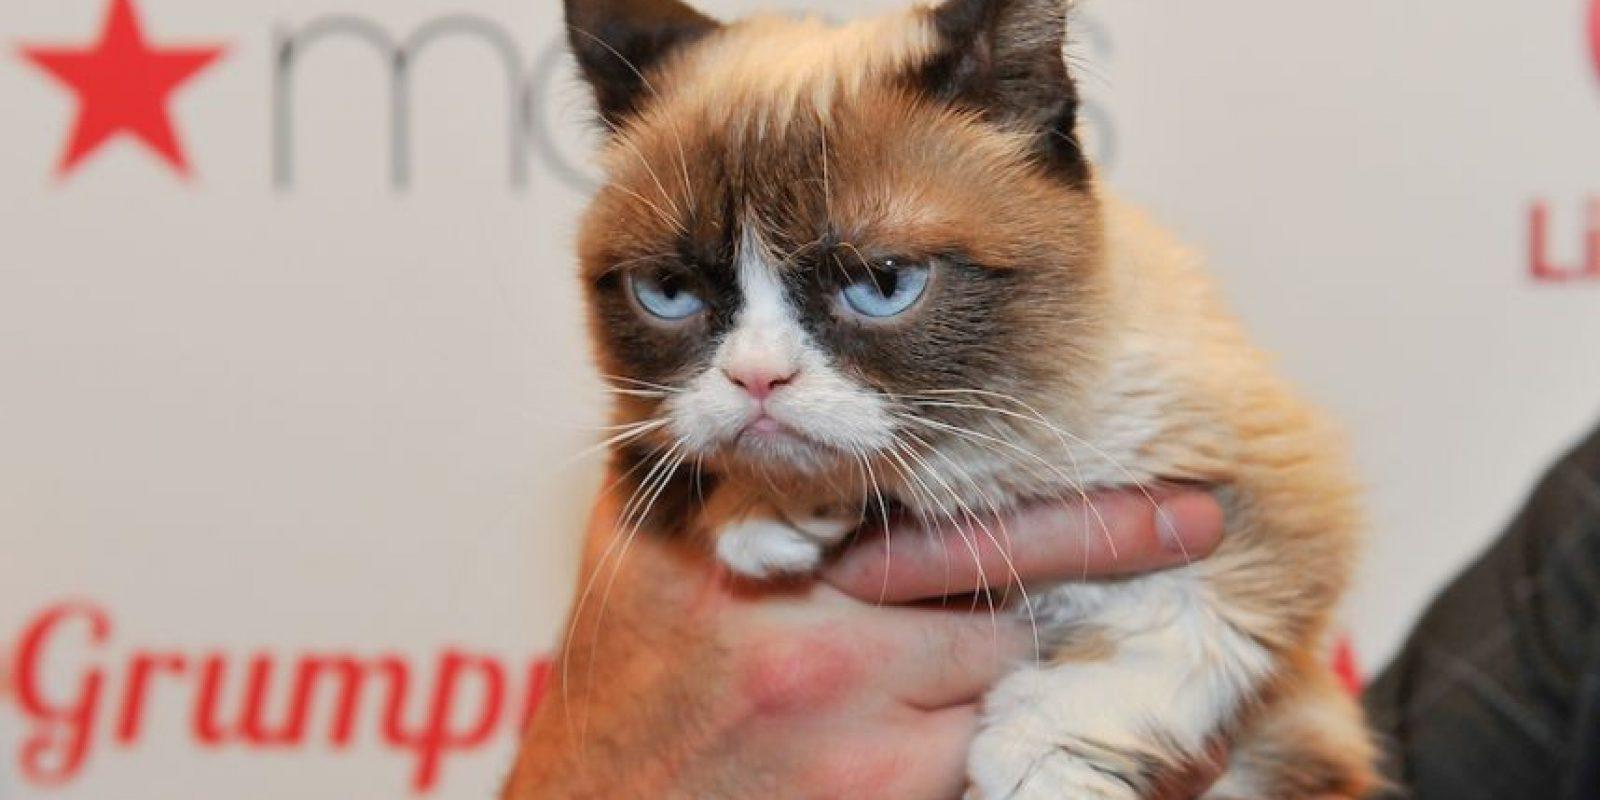 Si dividieramos sus ingresos por año, estas famosas habrían ganado menos que Grumpy Cat. Foto:Getty Images